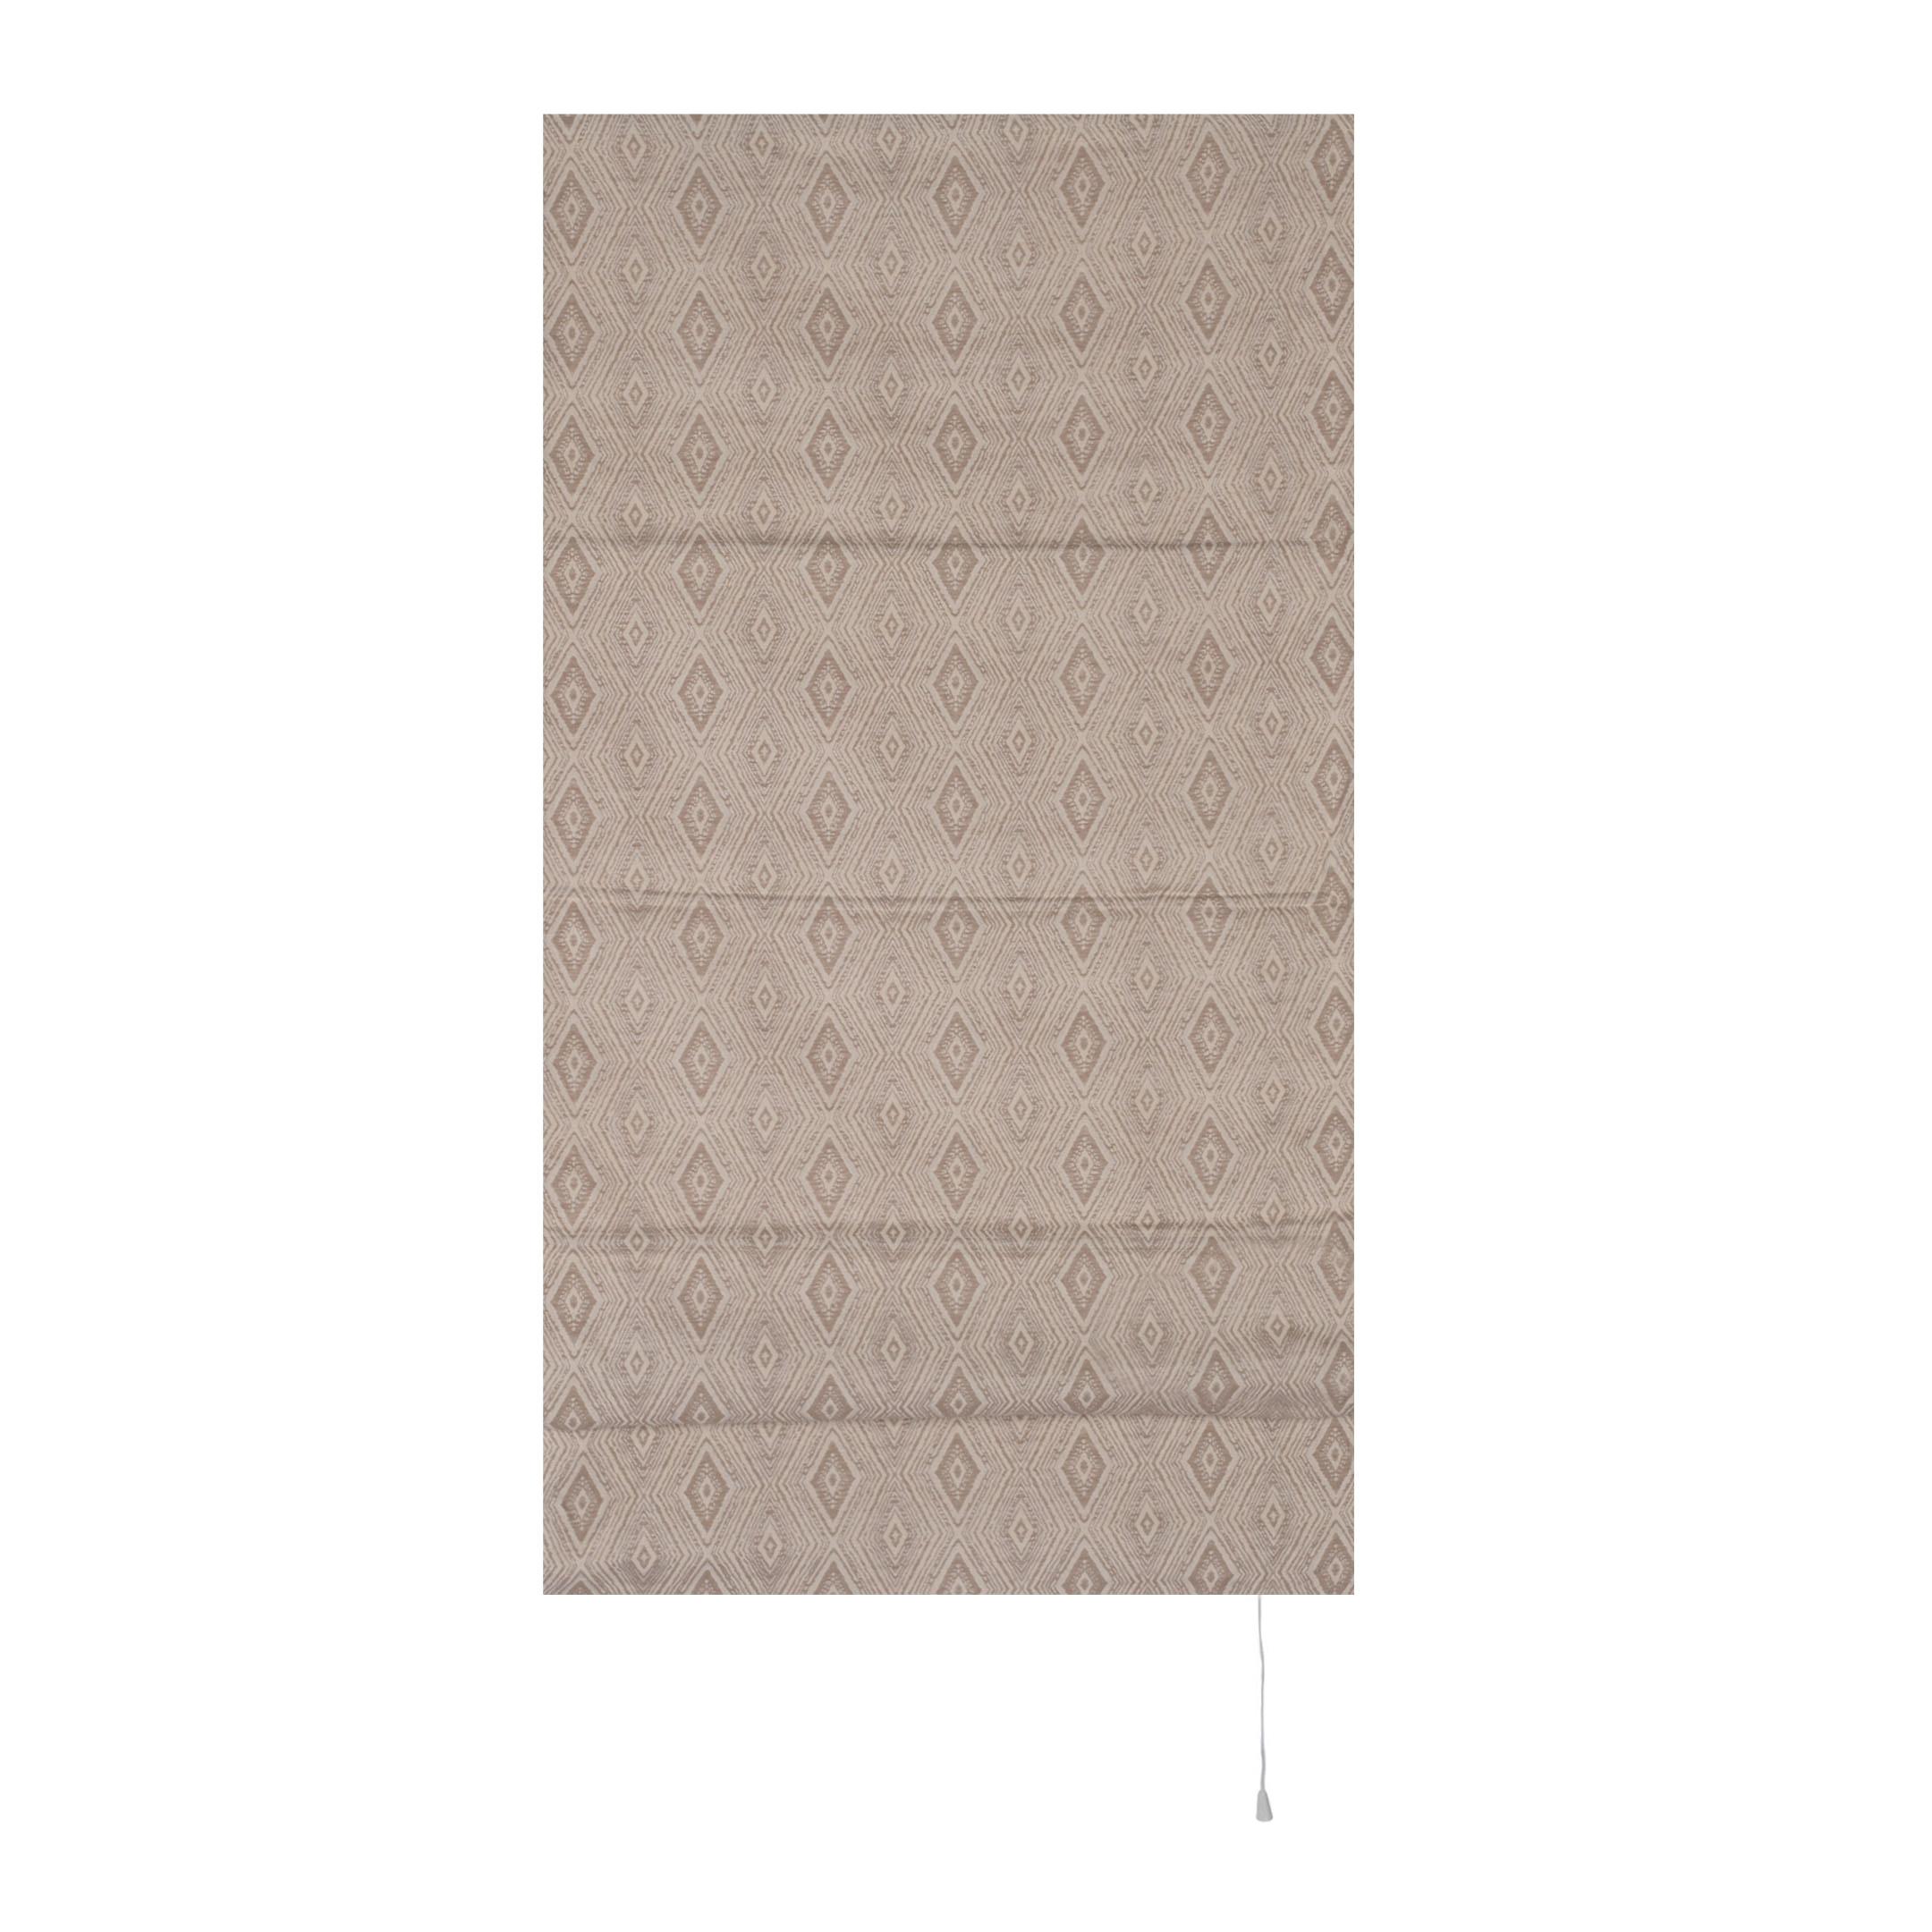 Штора римская Сафари 60х160 см бежевый штора римская сафари 60х160 см бежевый